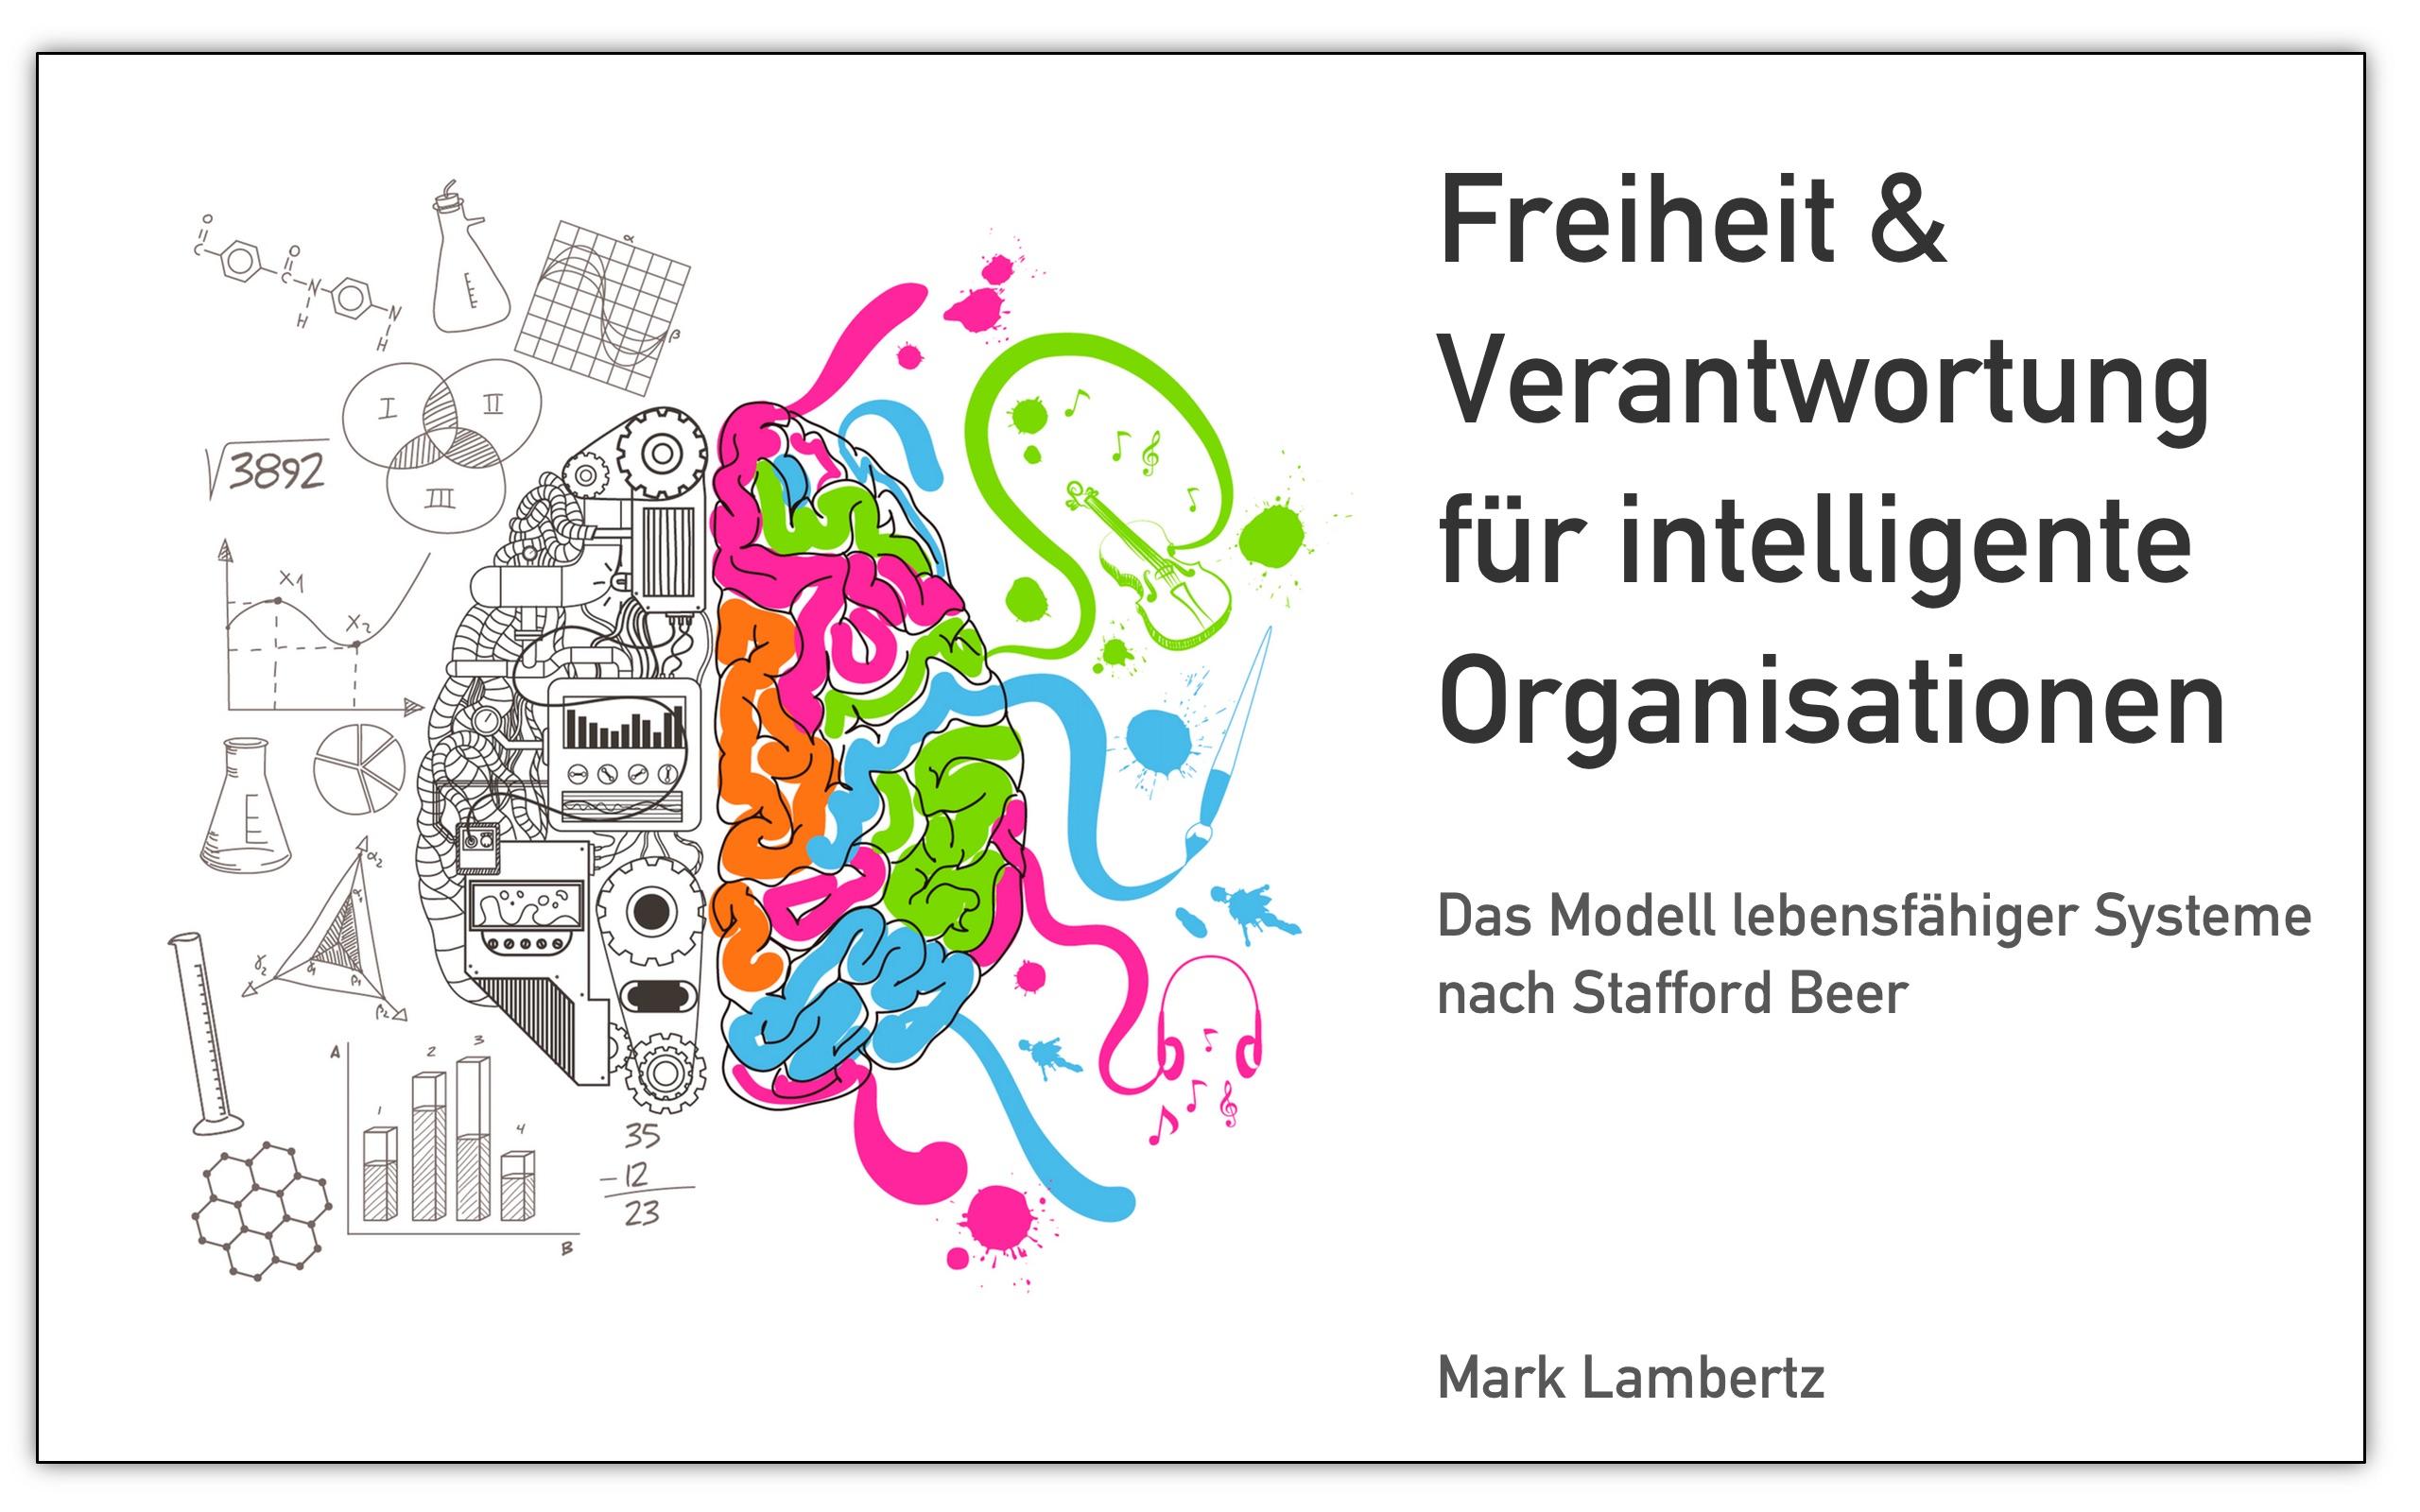 Freiheit und Verantwortung für intelligente Organisationen - das Viable System Model